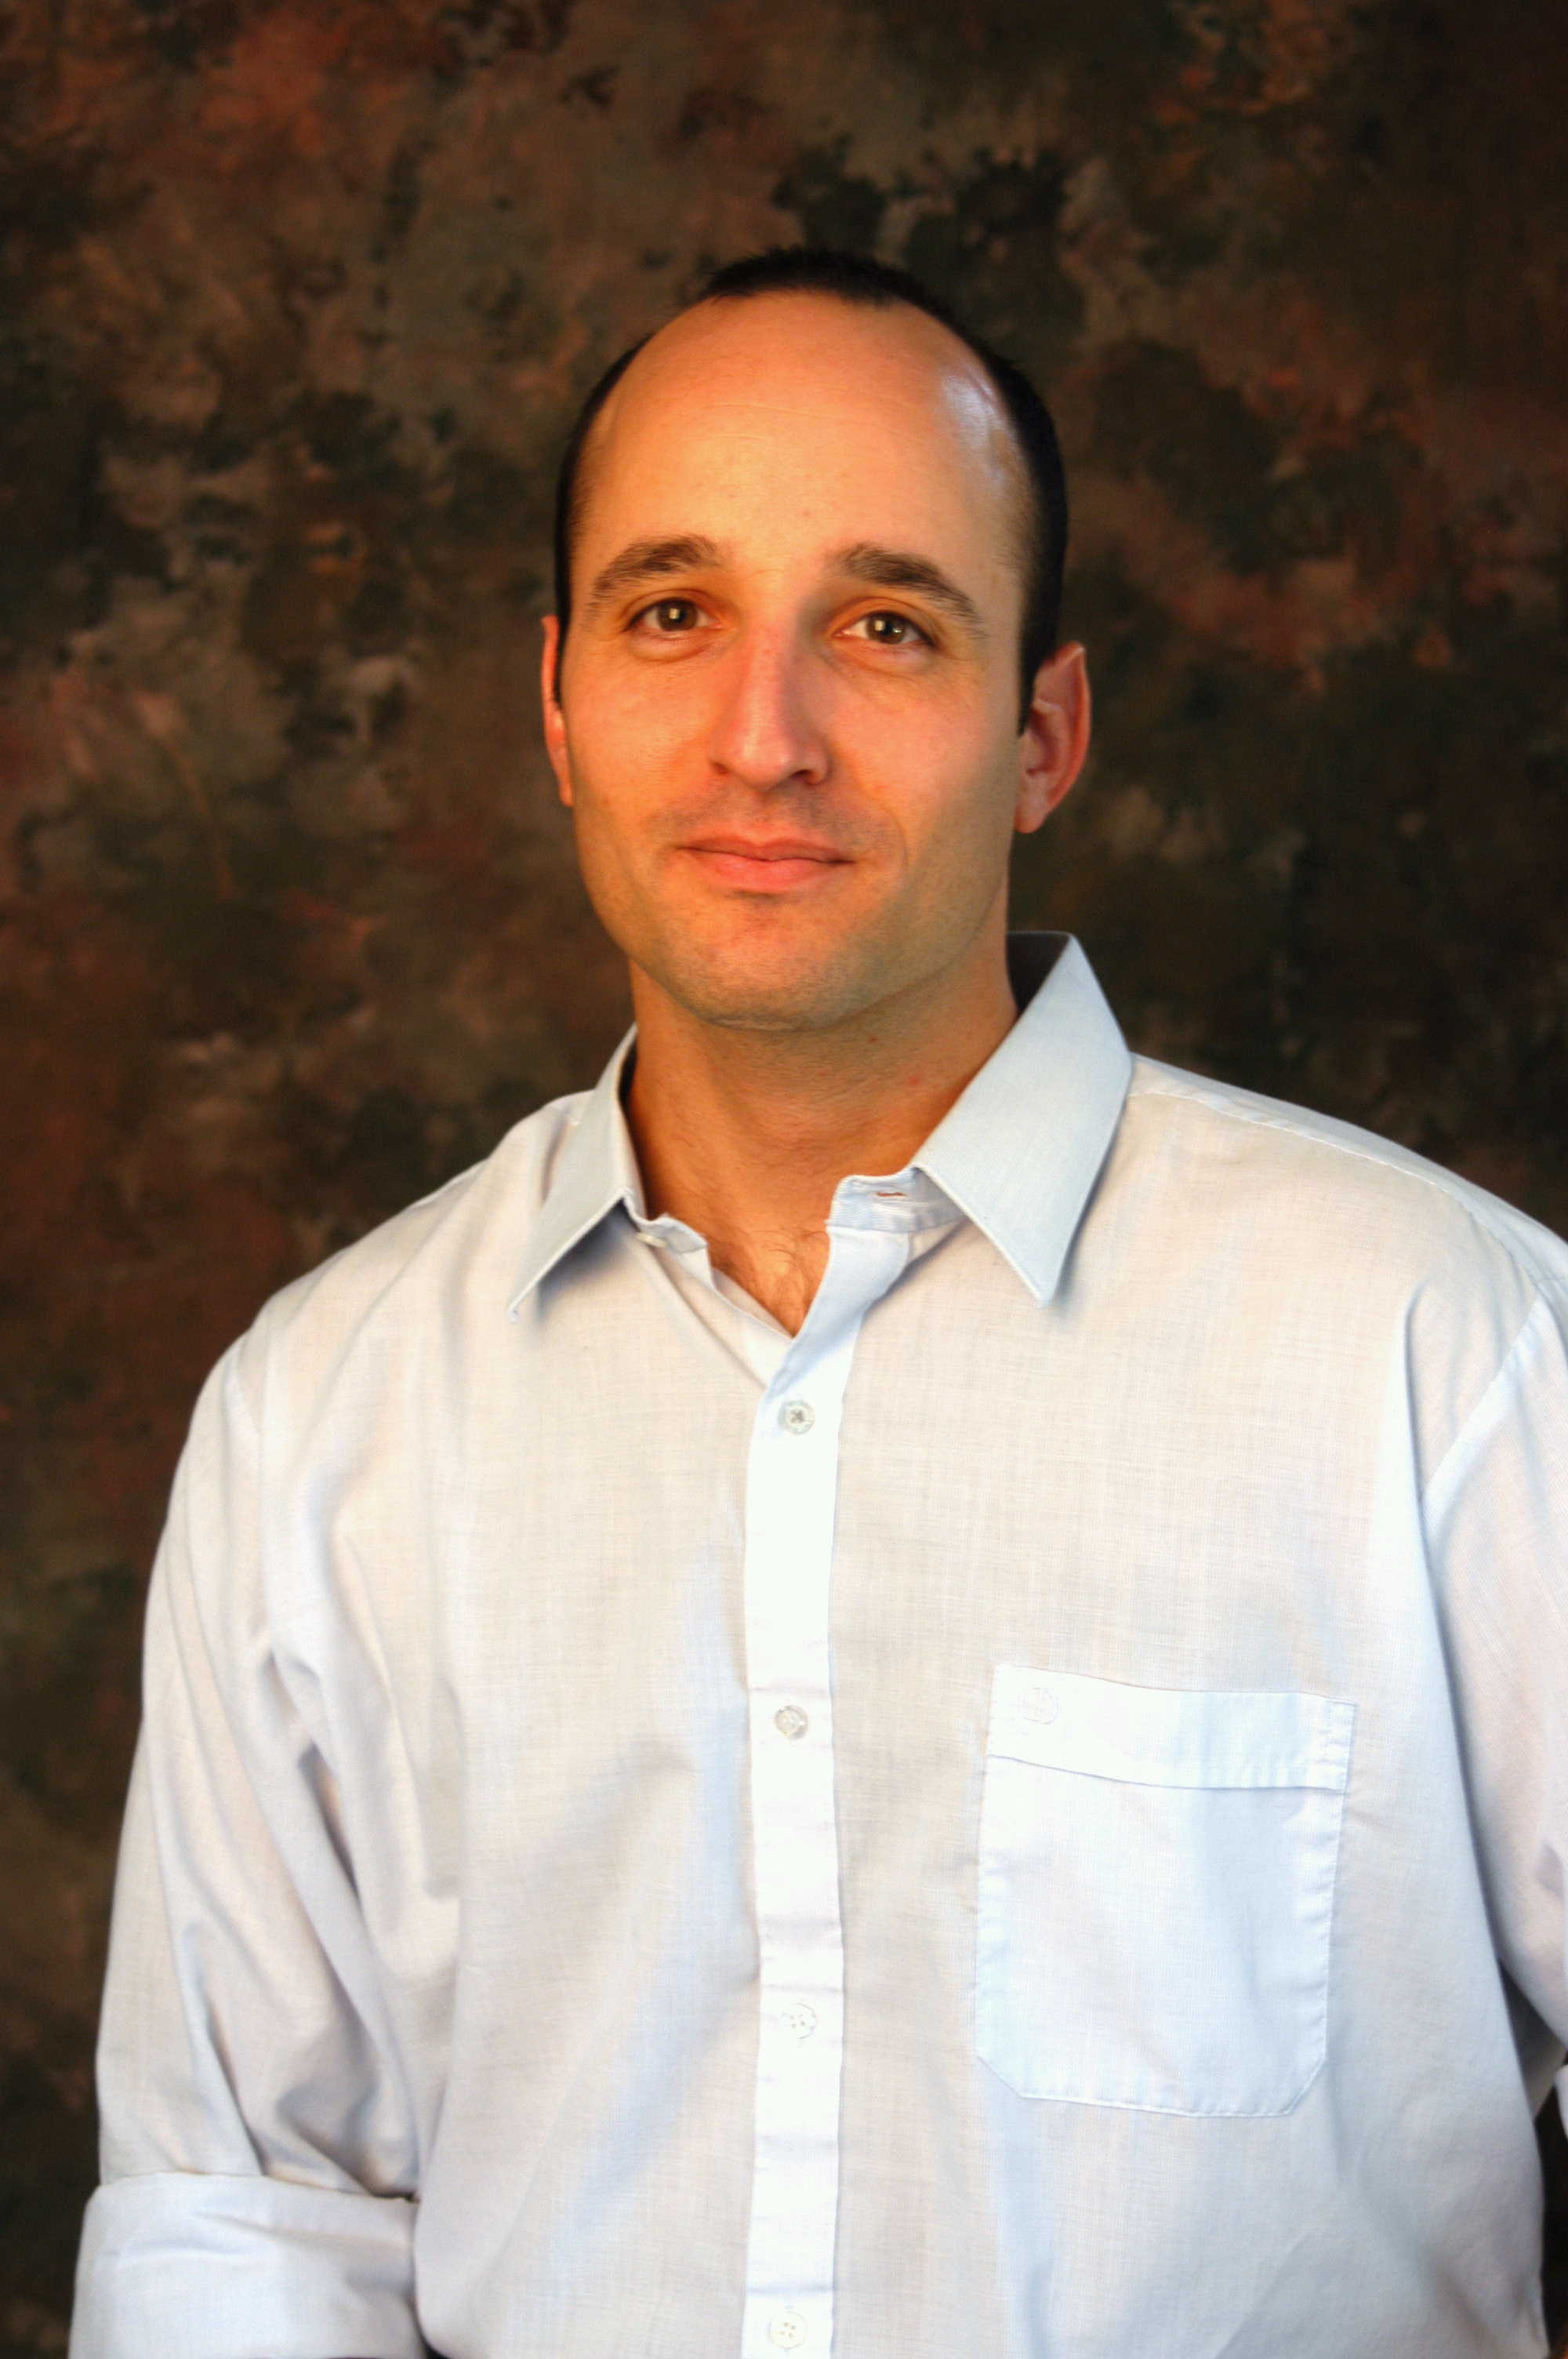 Dr. Guy Chet